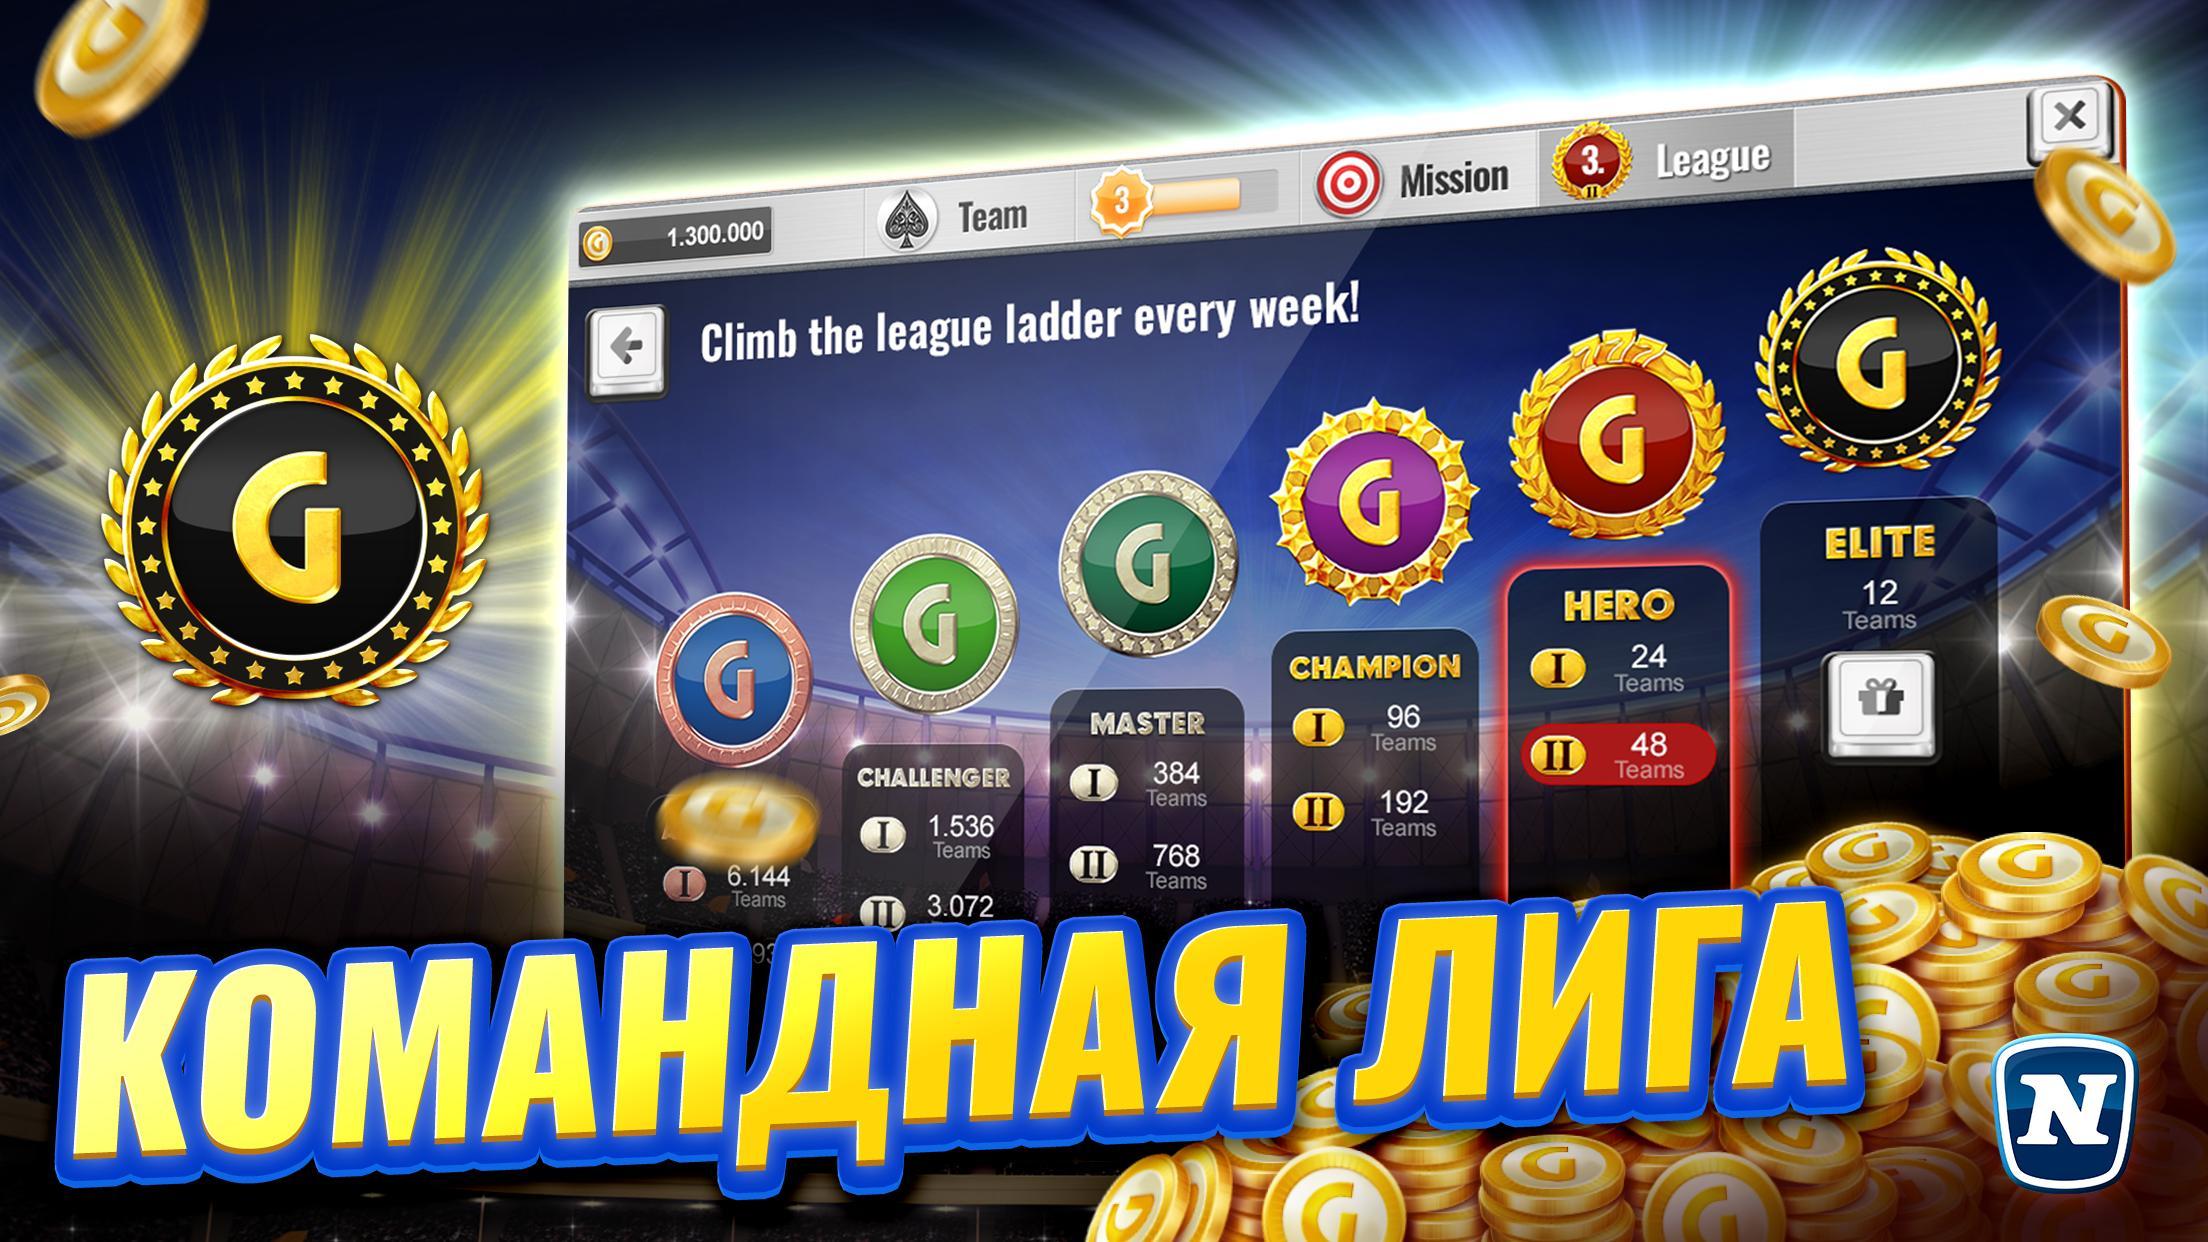 Игровые автоматы онлайн бесплатно без регистрации гаминатор не могу пополнить счет в казино